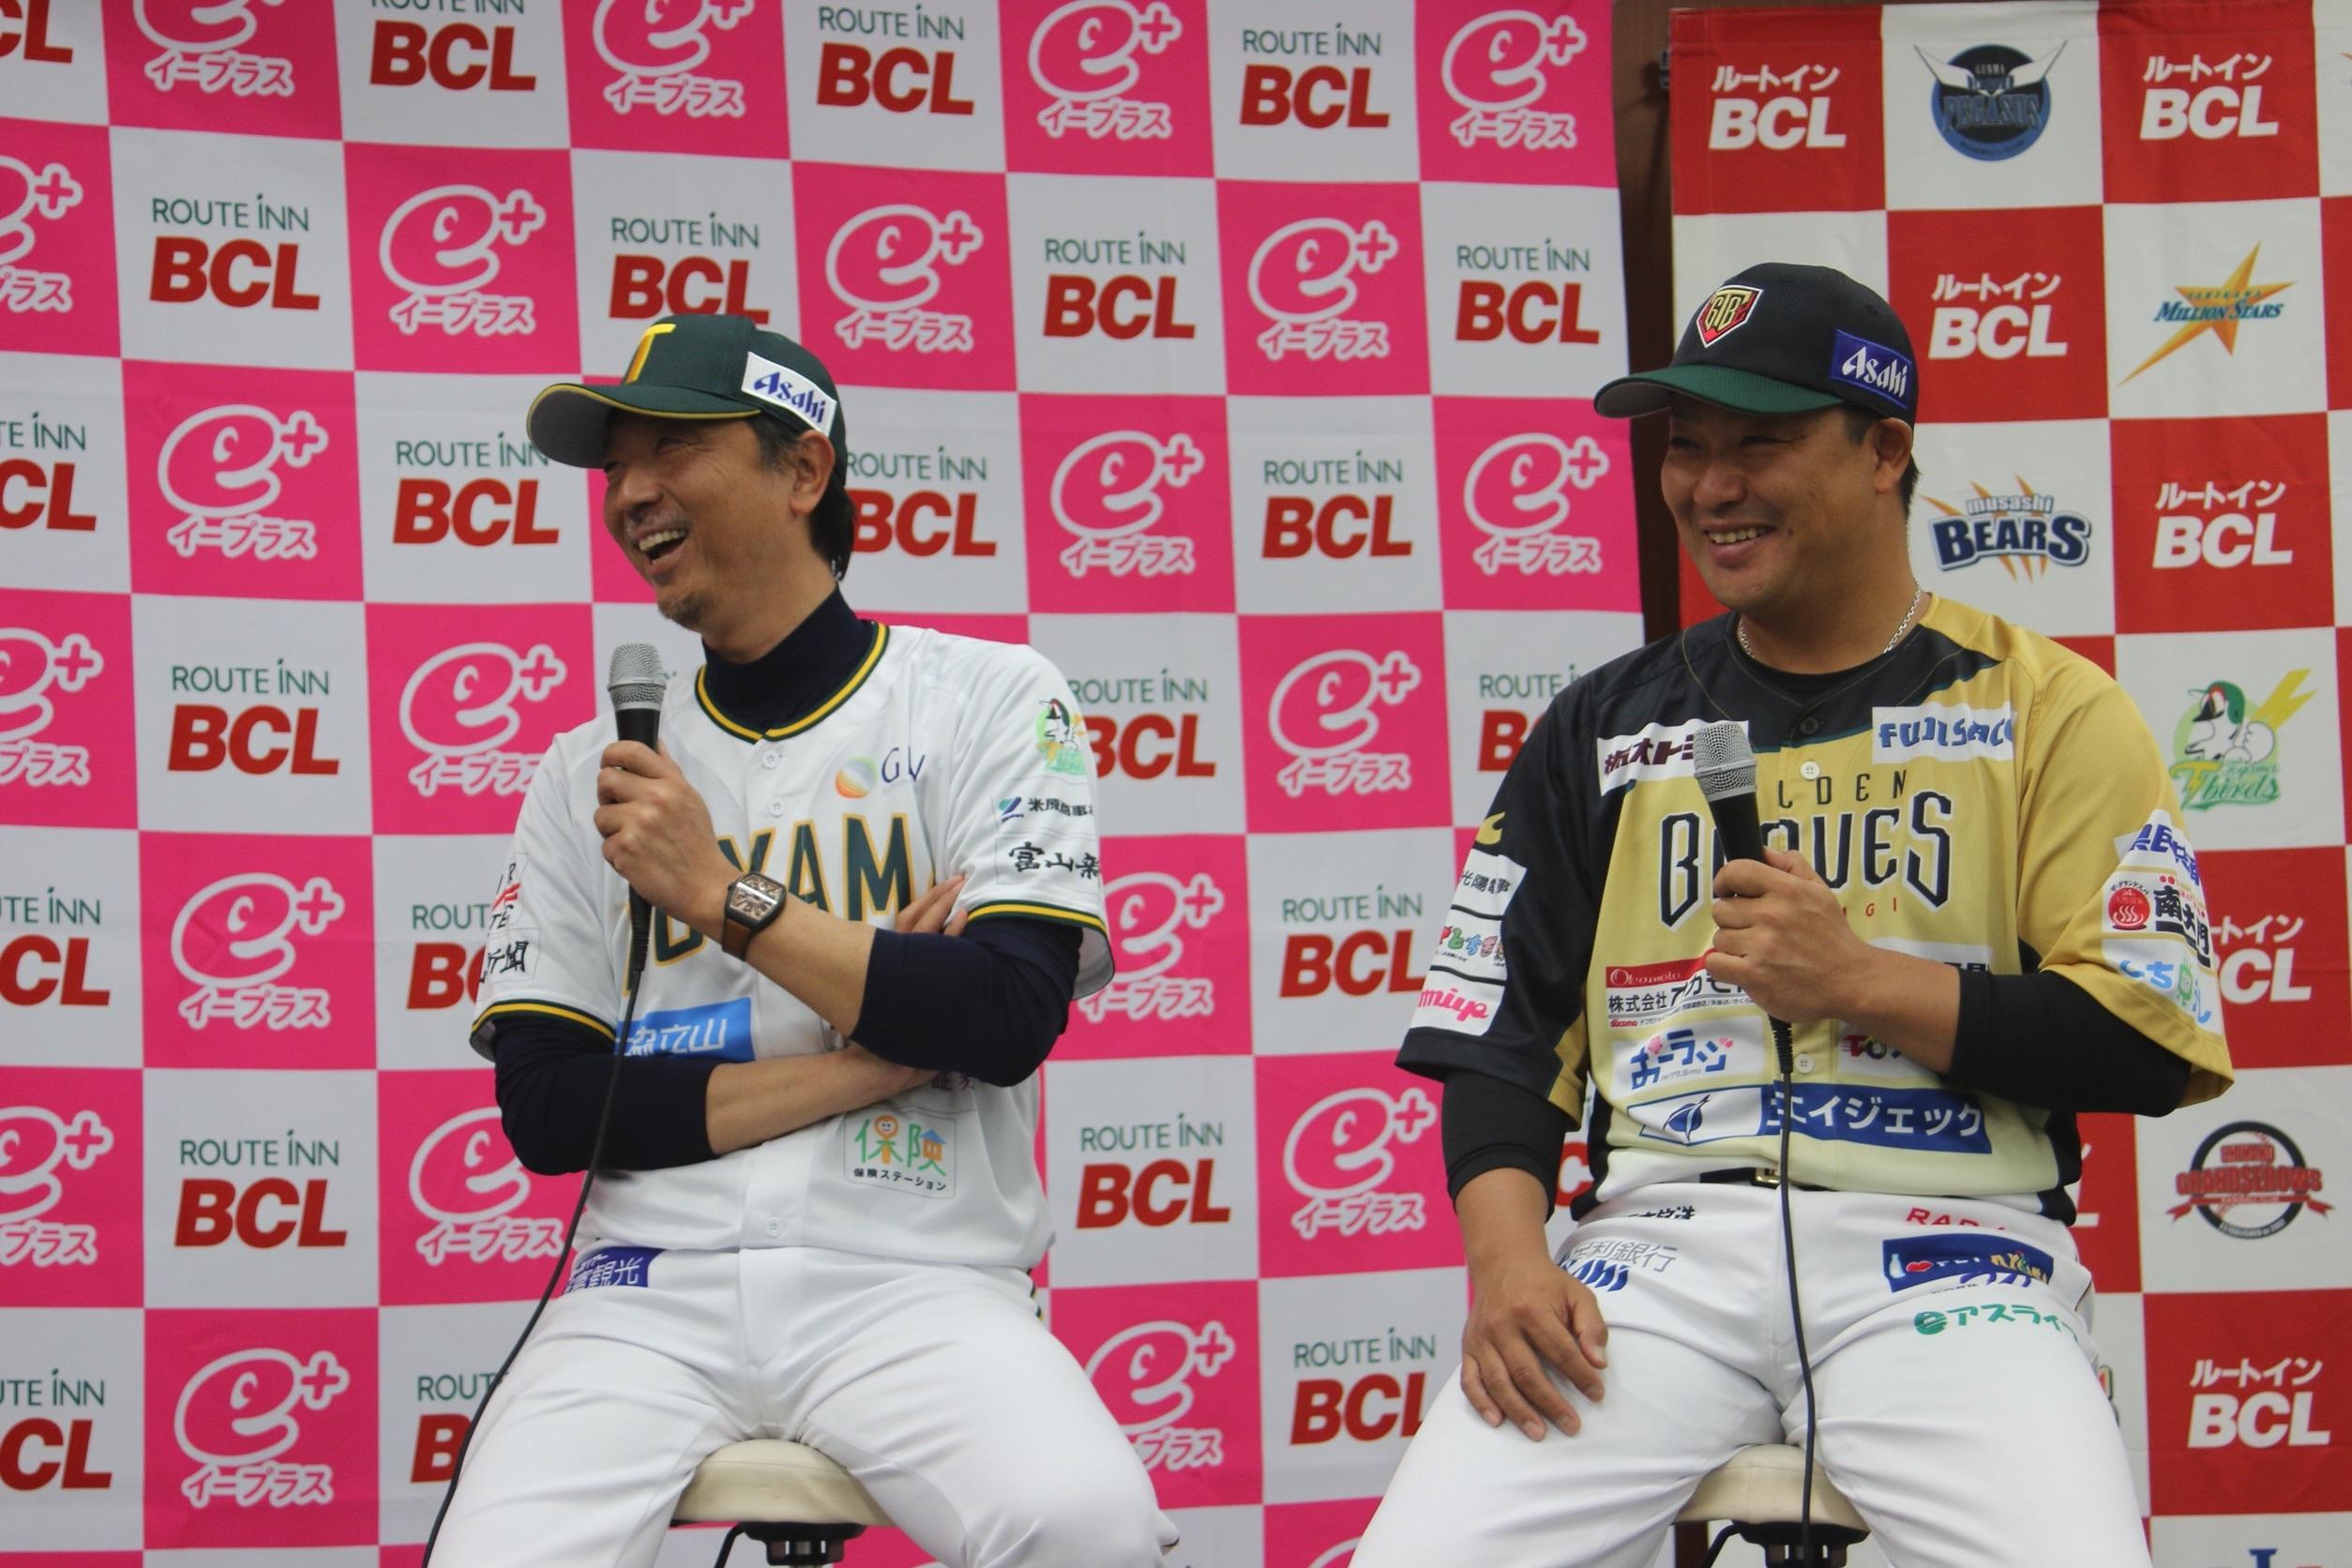 村田修一選手、伊藤智仁監督、佐野慈紀取締役によるトークショーを開催